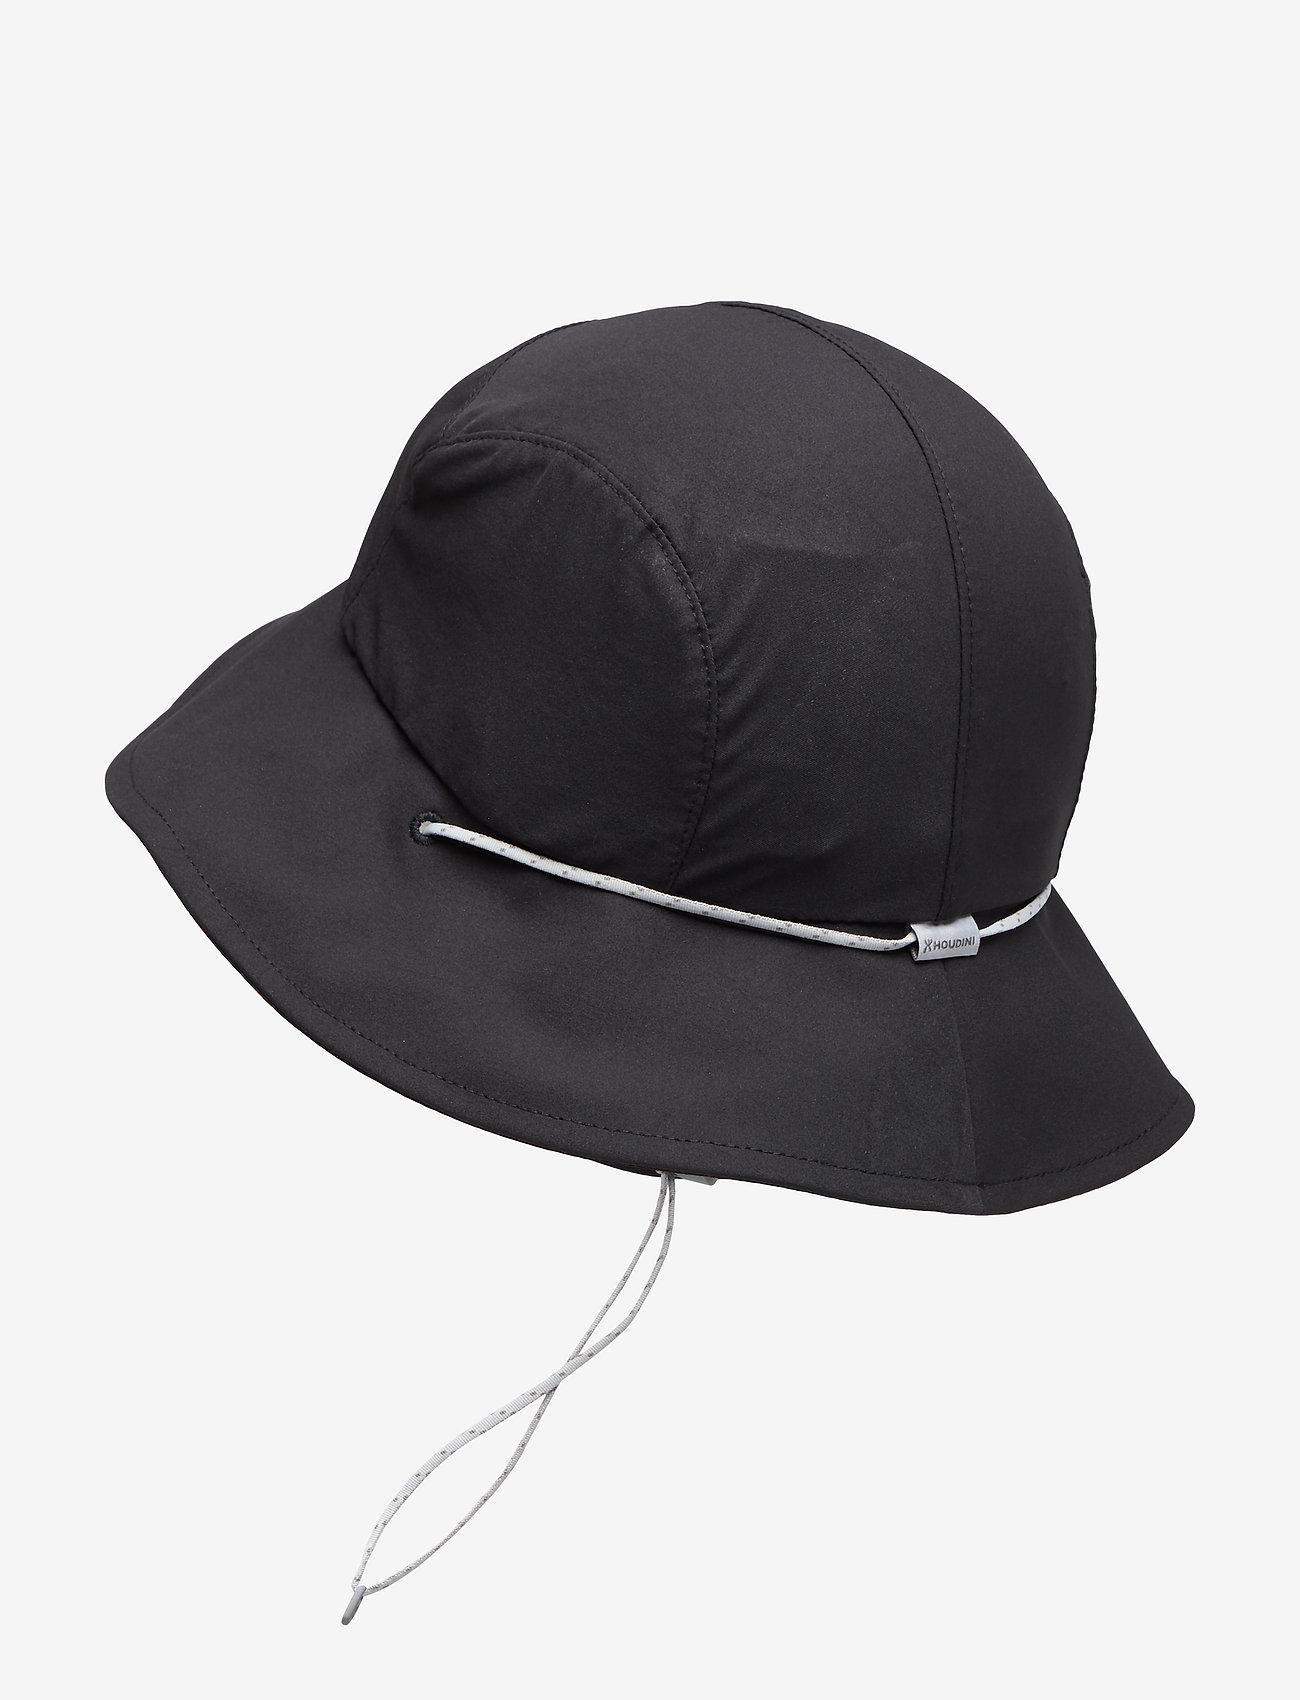 Houdini - Gone Fishing Hat true black S/M - bucket hats - true black - 1